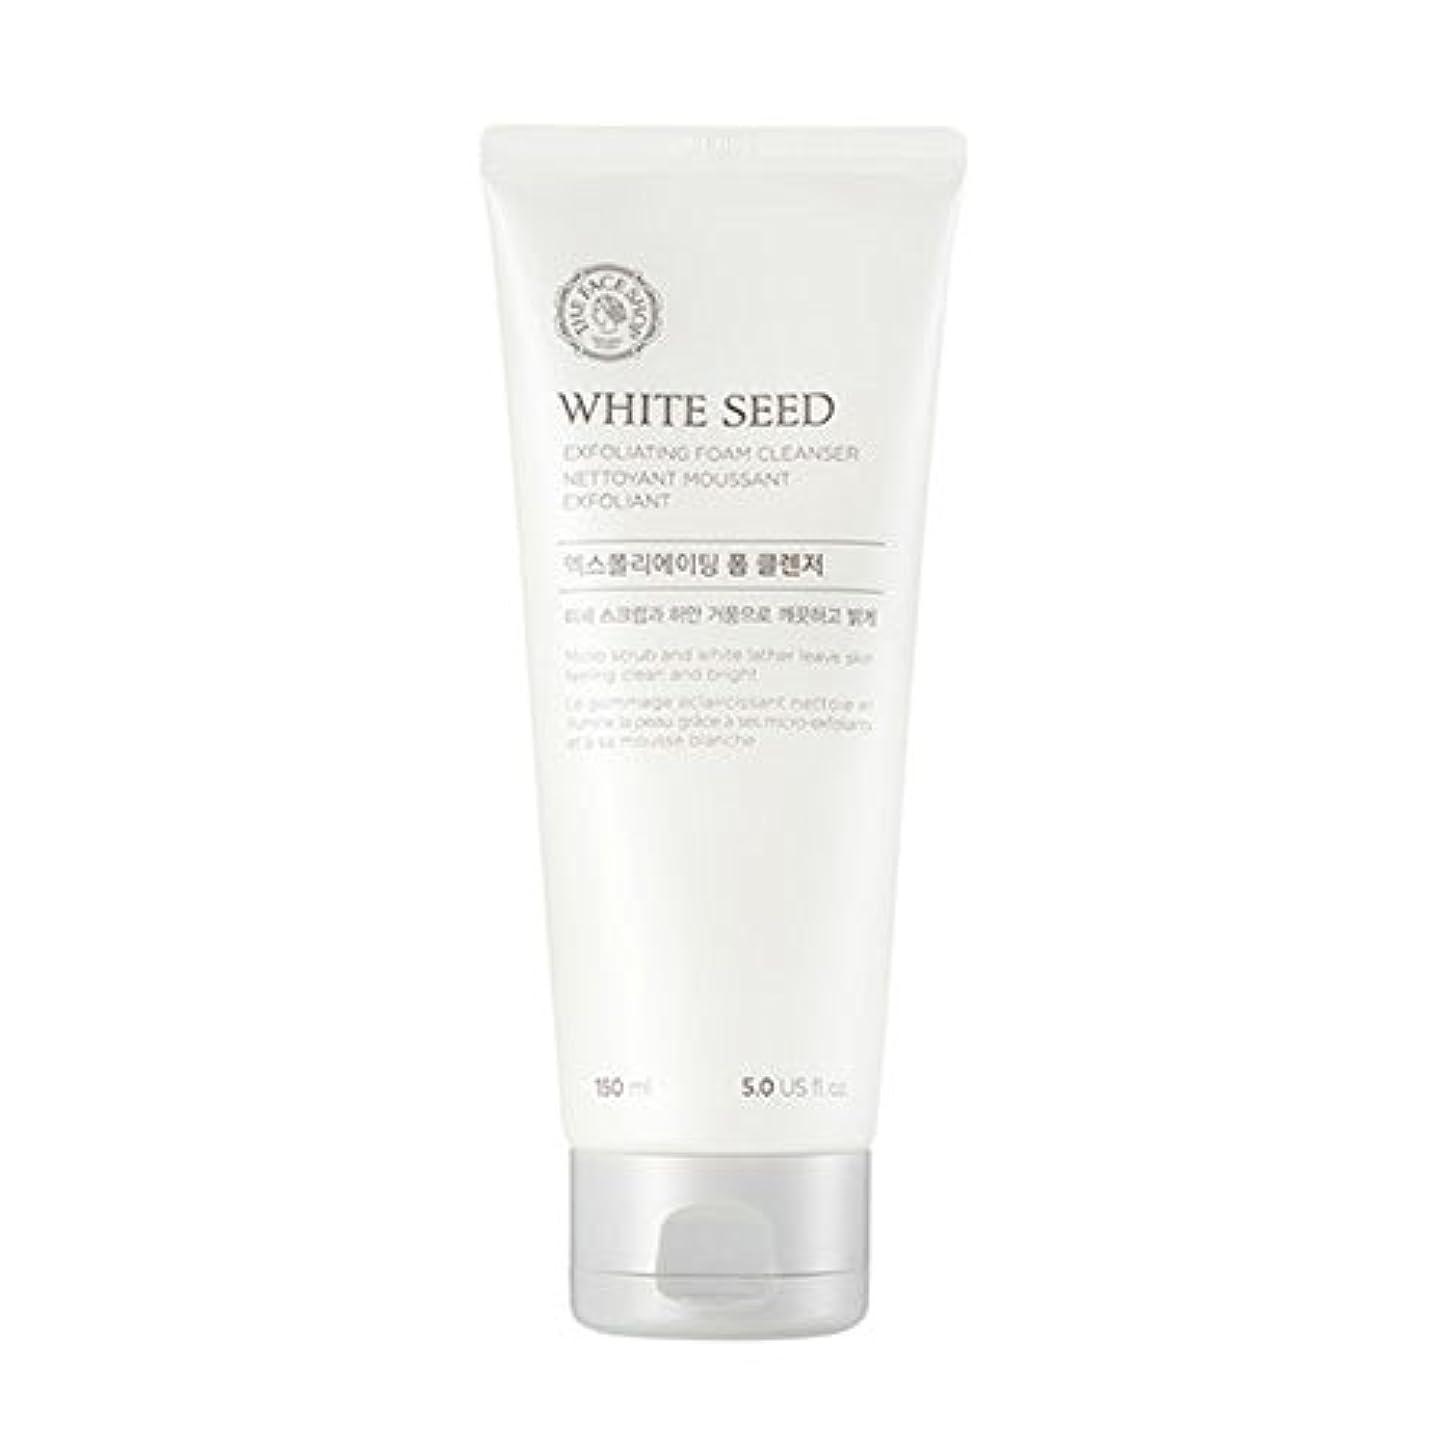 レバー経験的典型的な[ザフェイスショップ] The Face Shop ホワイトシードエクスフォリエイティングクレンザー(150ml) The Face Shop White Seed Exfoliating Foam Cleanser(150ml...